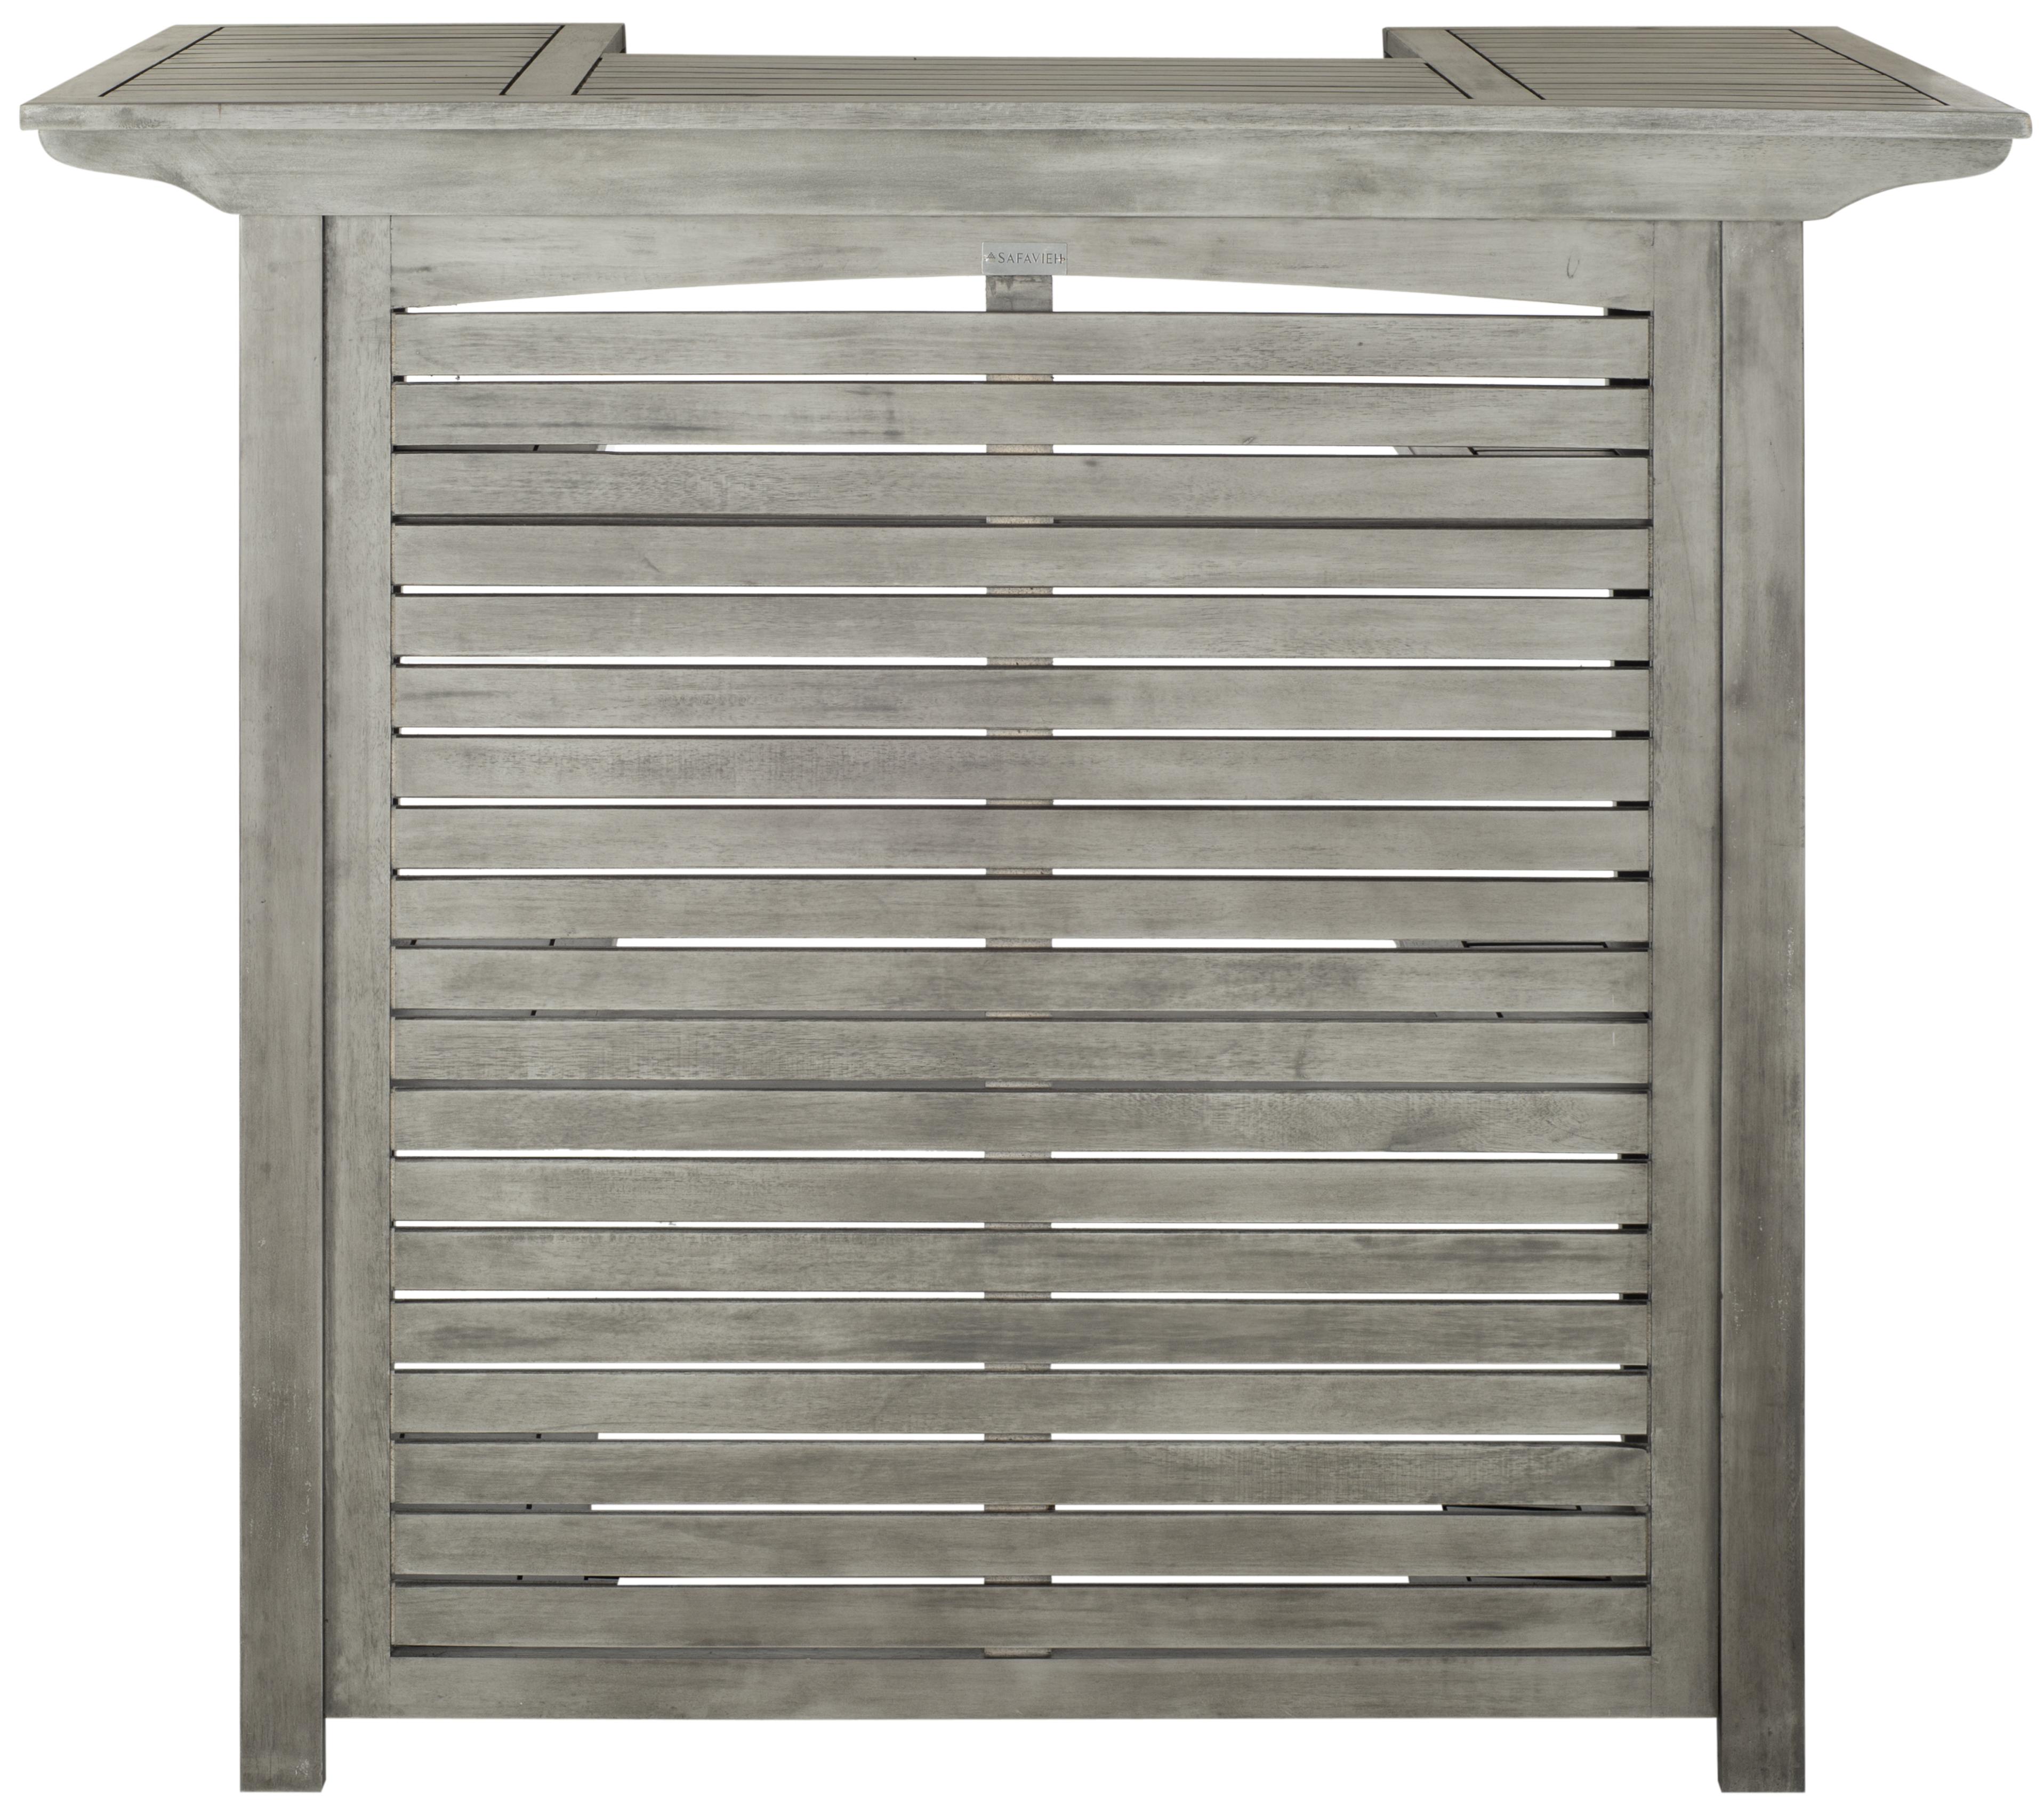 Table de bar intérieur/extérieur en acier et bois d'acacia gris